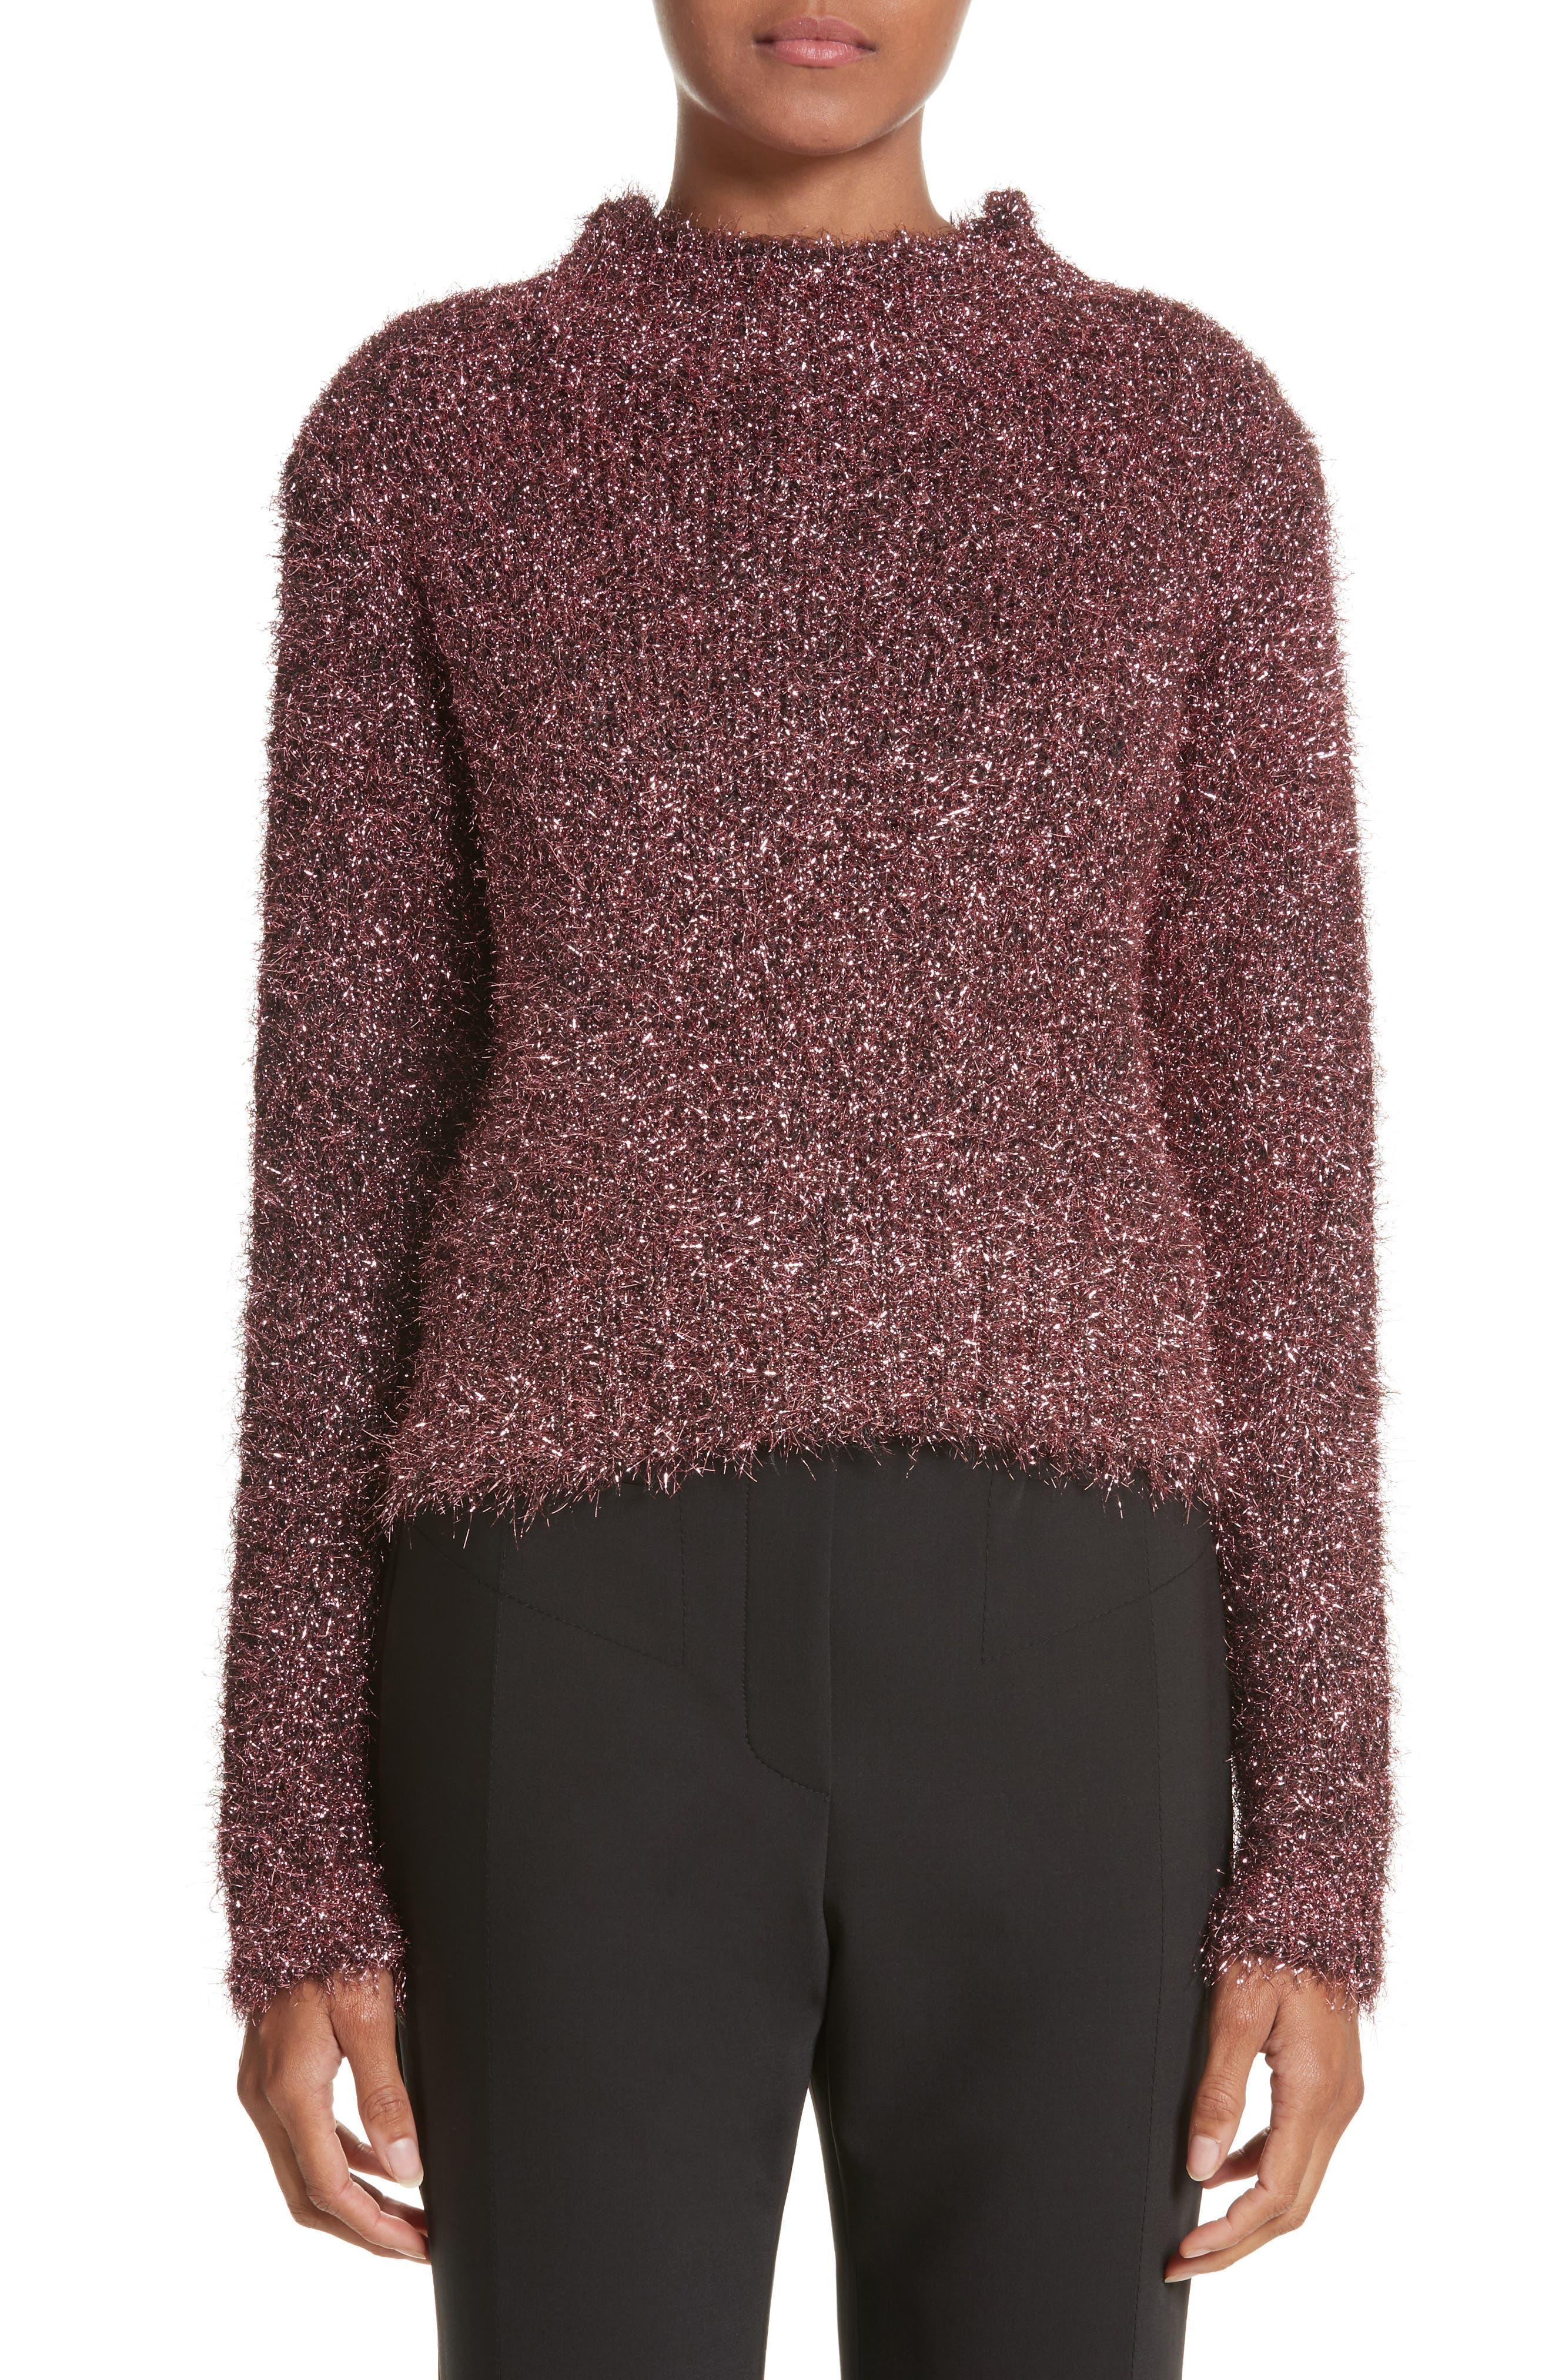 Vaporize Textured Metallic Sweater,                             Main thumbnail 1, color,                             Pink